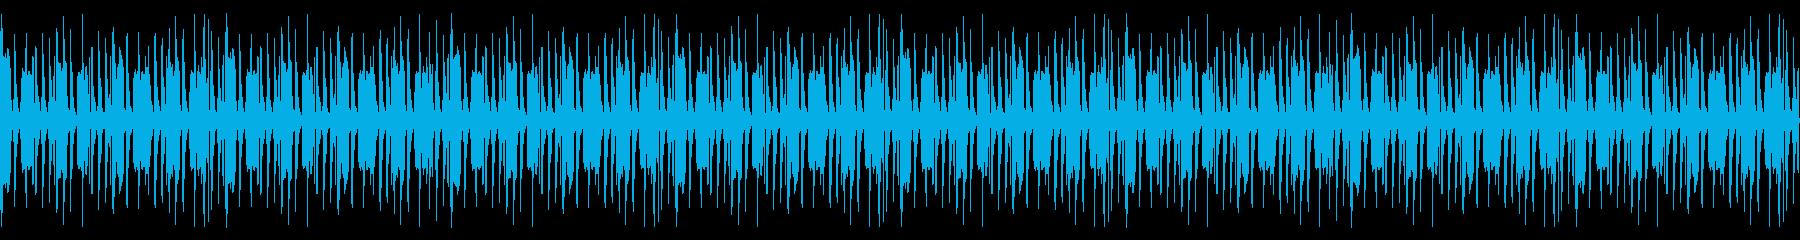 シンプルなHIPHOPのBGMの再生済みの波形